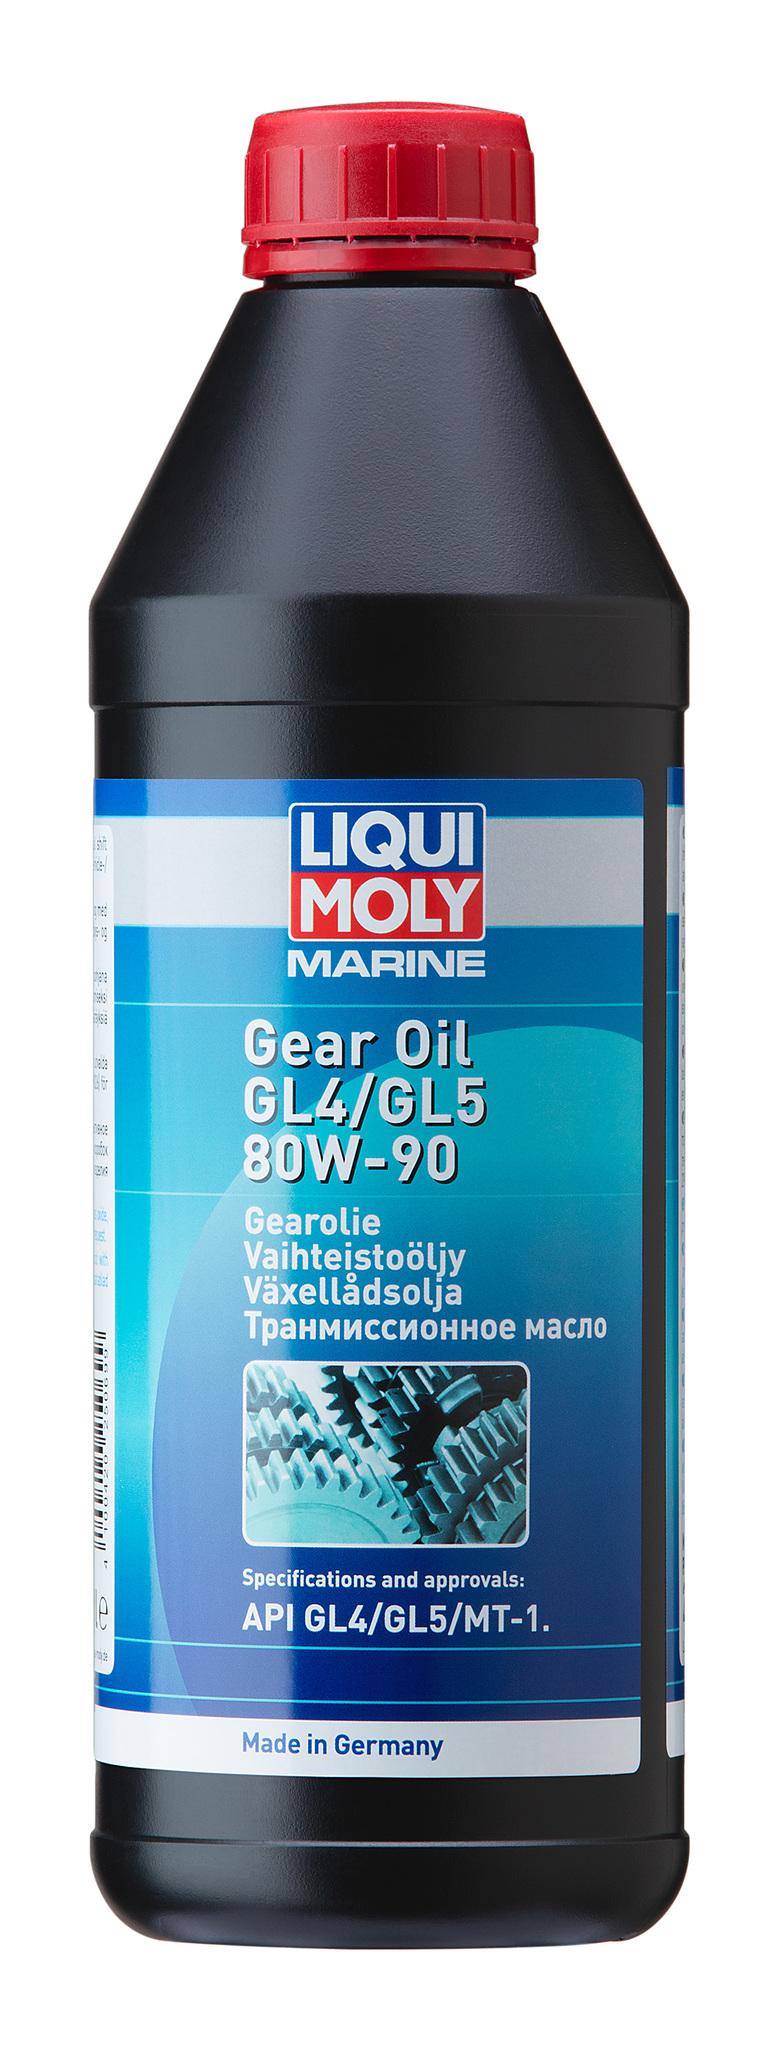 Liqui Moly Marine Gear Oil 80W-90 (1л) - Минеральное трансмиссионное масло для водной техники